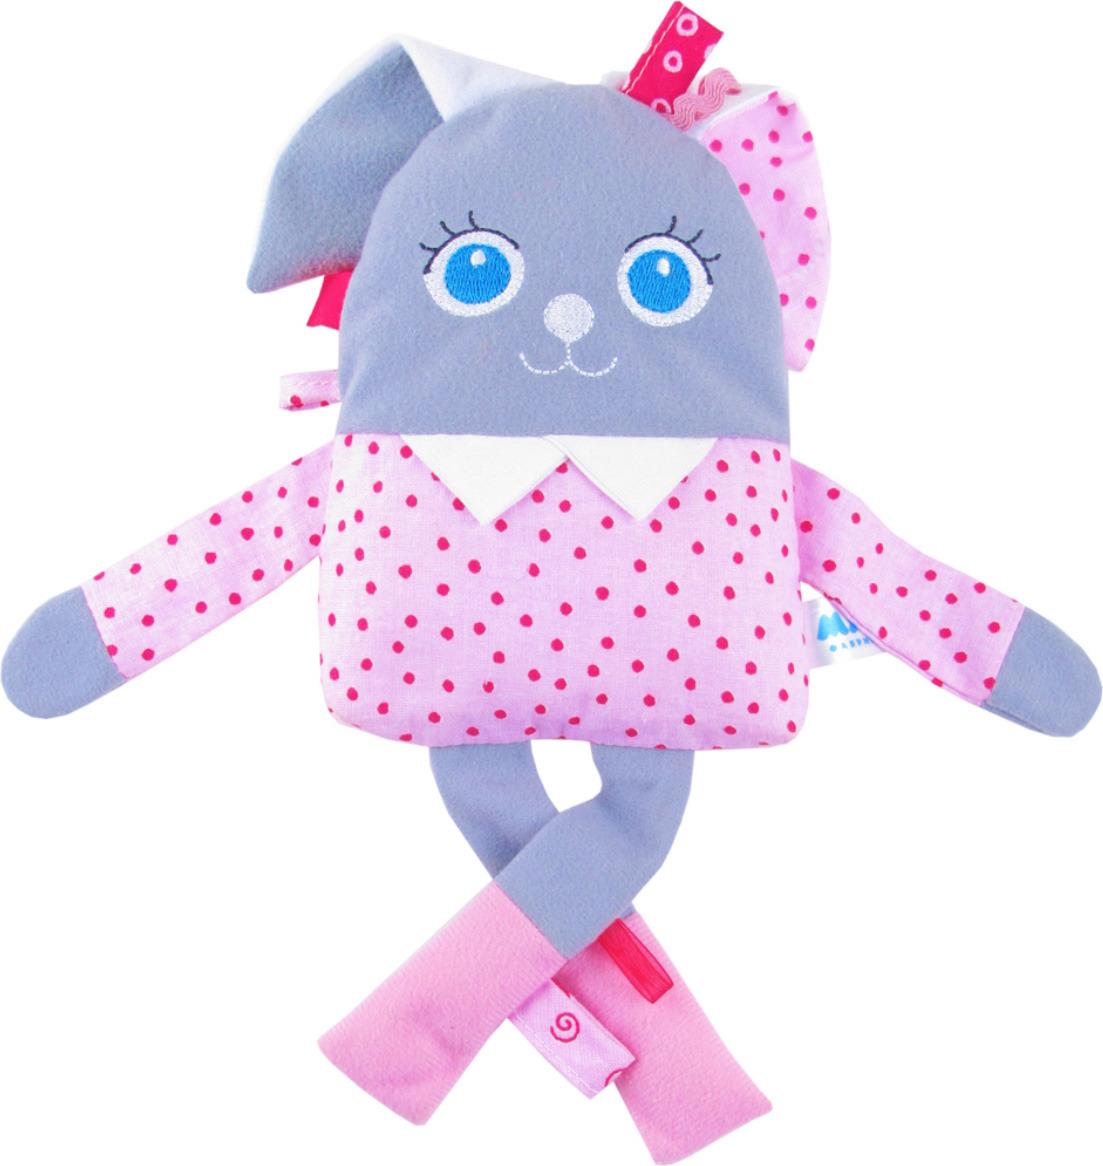 Развивающая игрушка Мякиши Мой зайчик, цвет: серый, белый, розовый цена